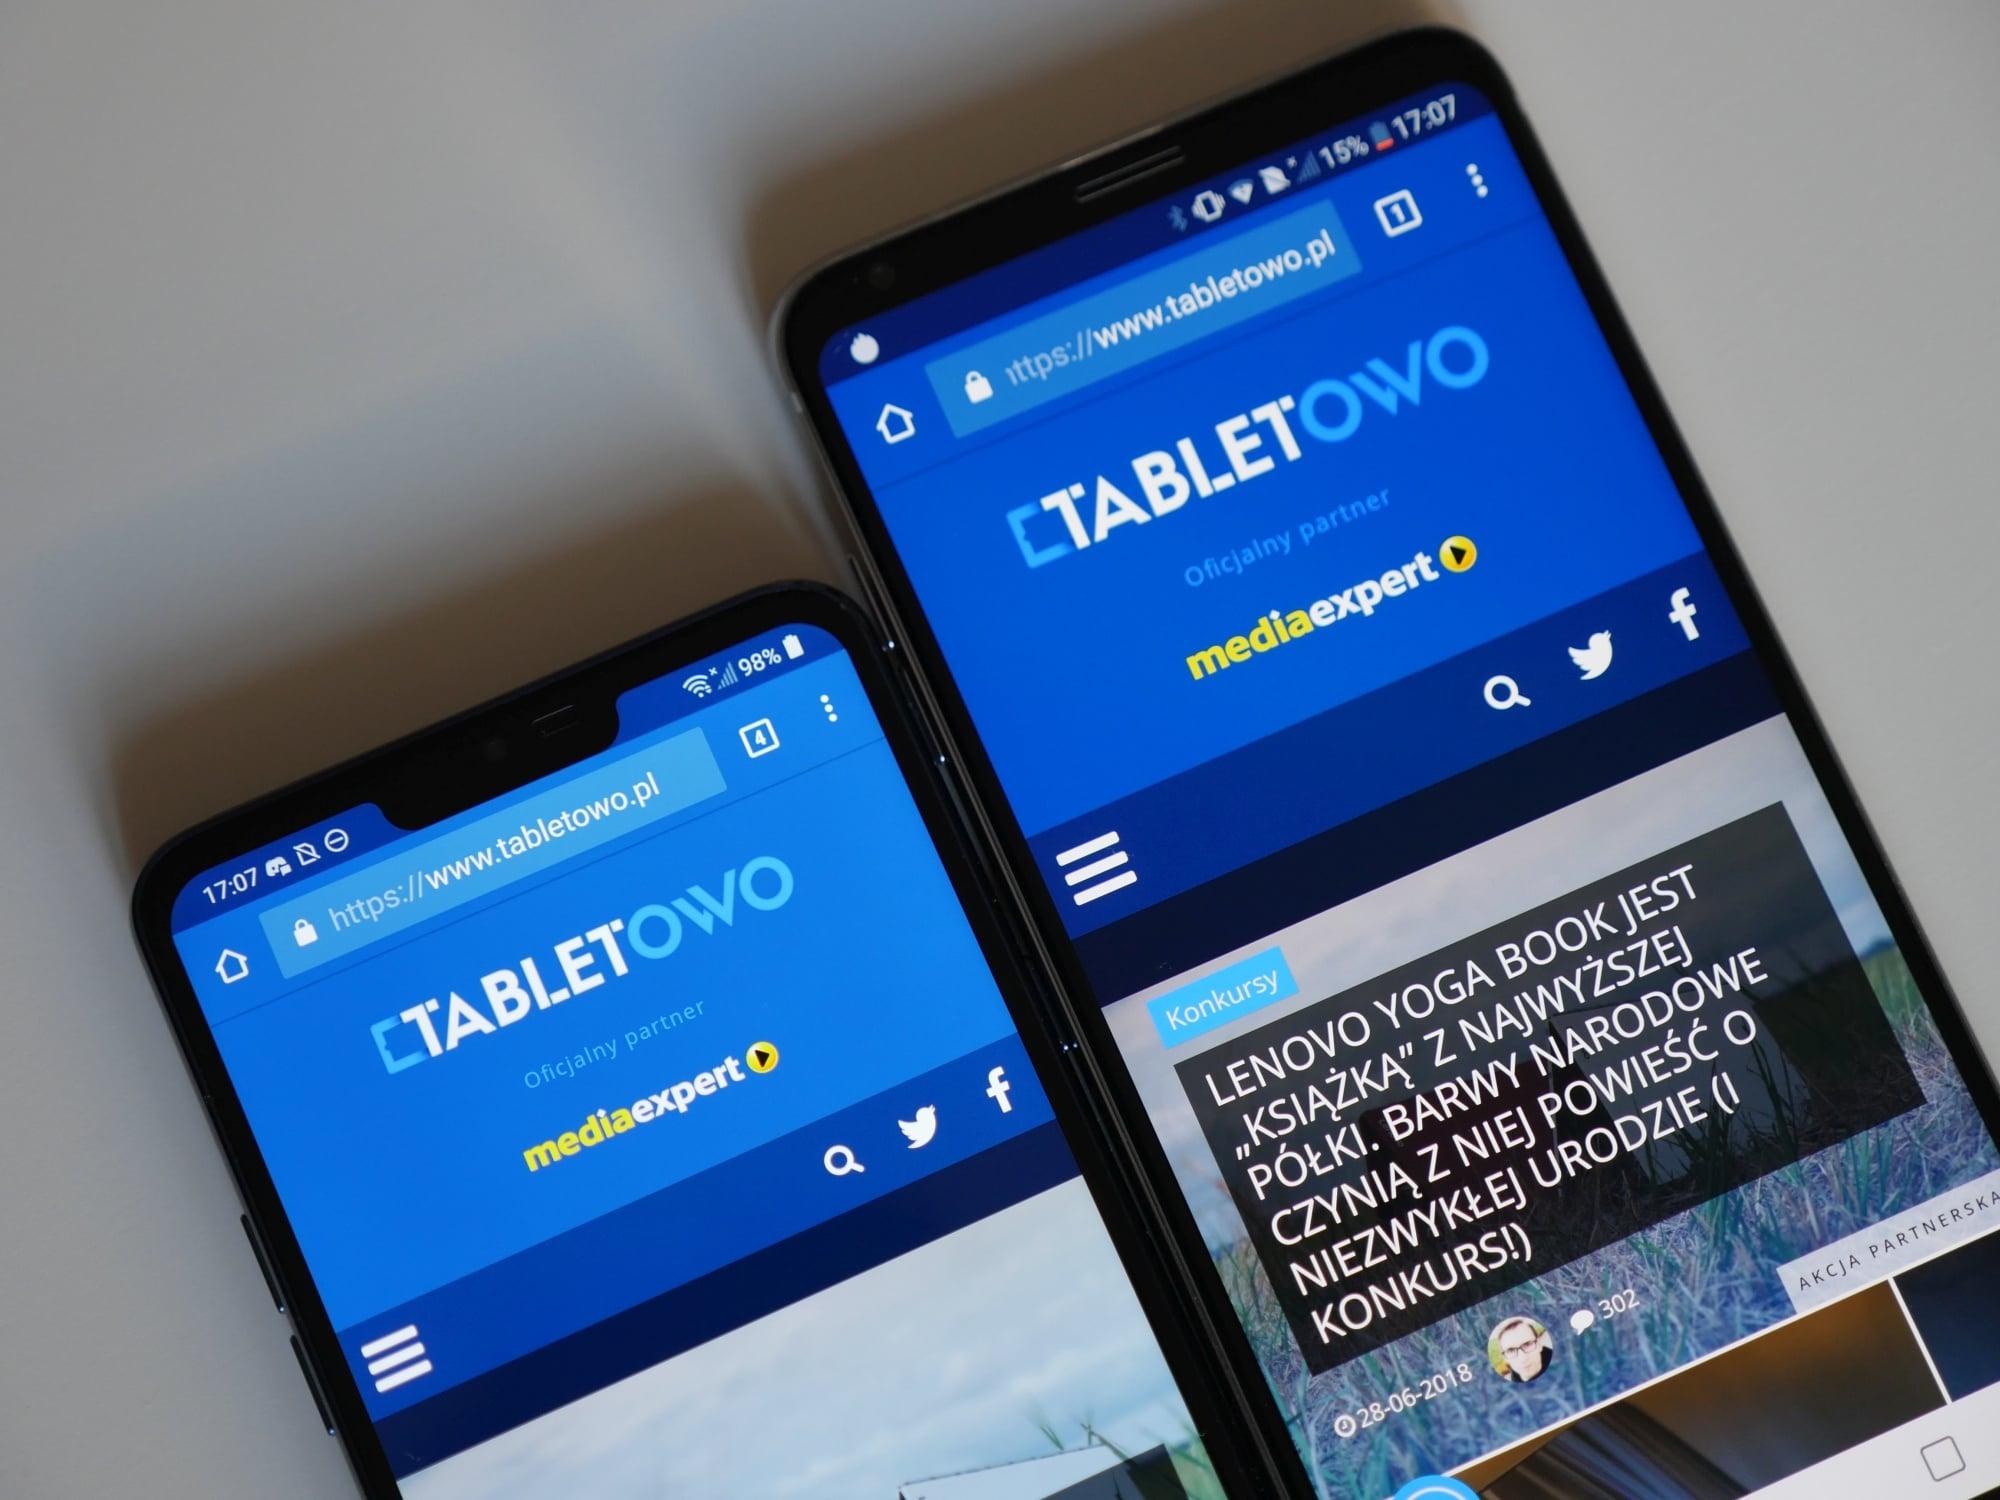 Co pokaże LG w 2019 roku? Co najmniej cztery ciekawe smartfony 16